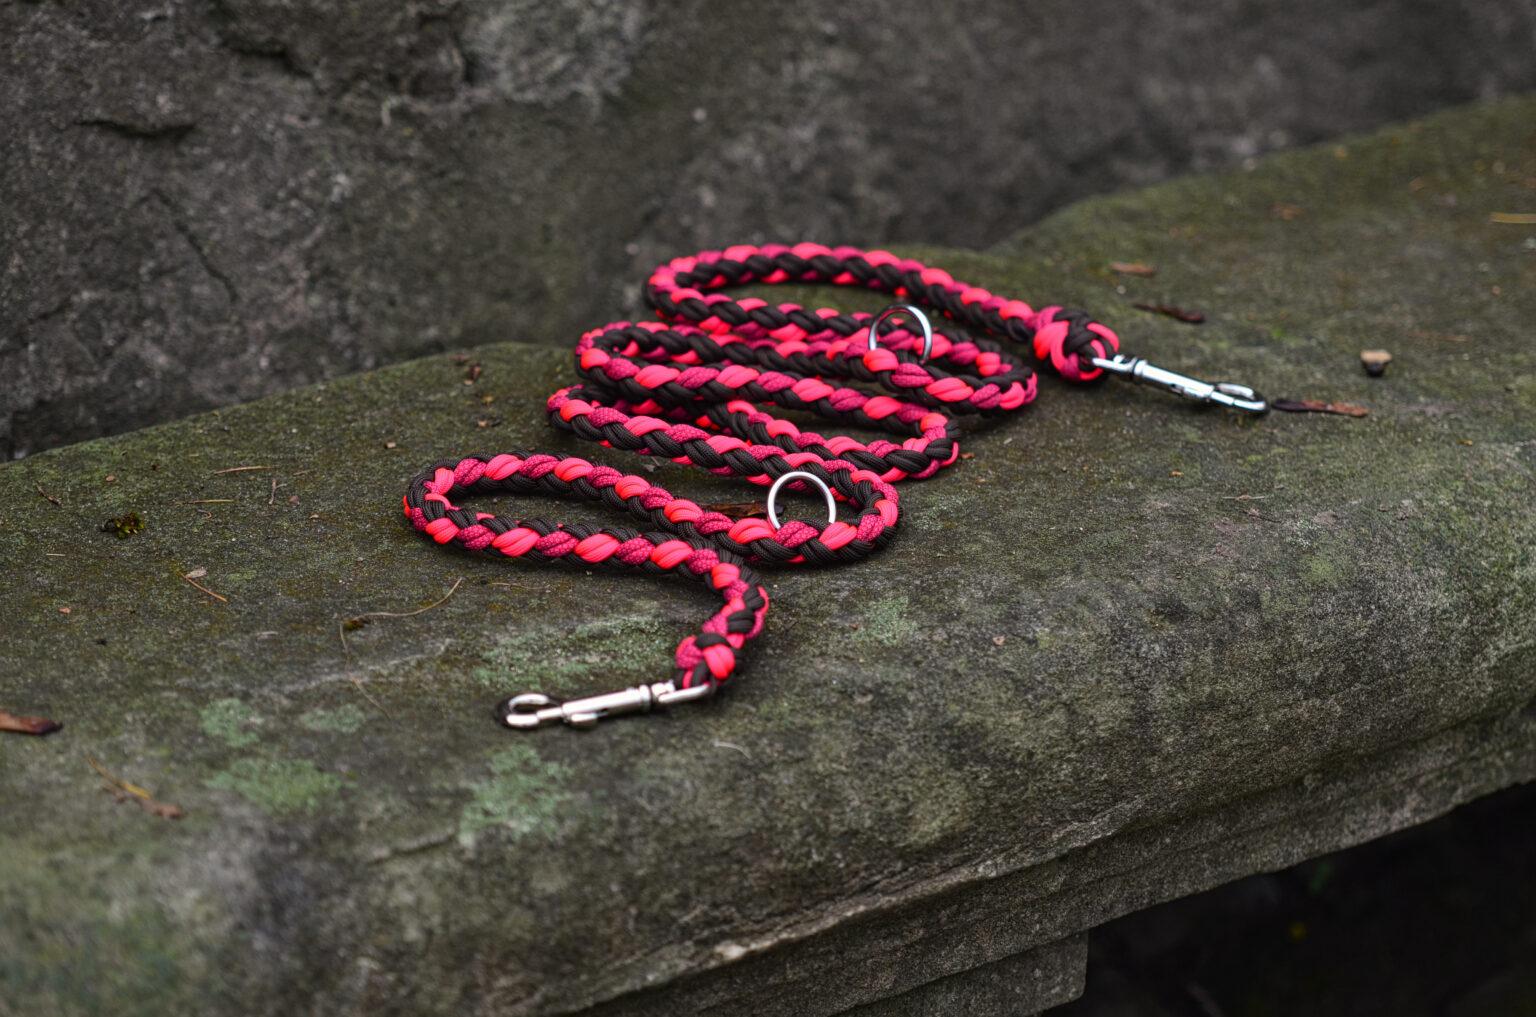 Diese Leine fällt schon von Weitem auf! Sie besticht durch cooles Pink und Schwarz und ist durch die eingeflochtenen Ringe mehrfach verstellbar.